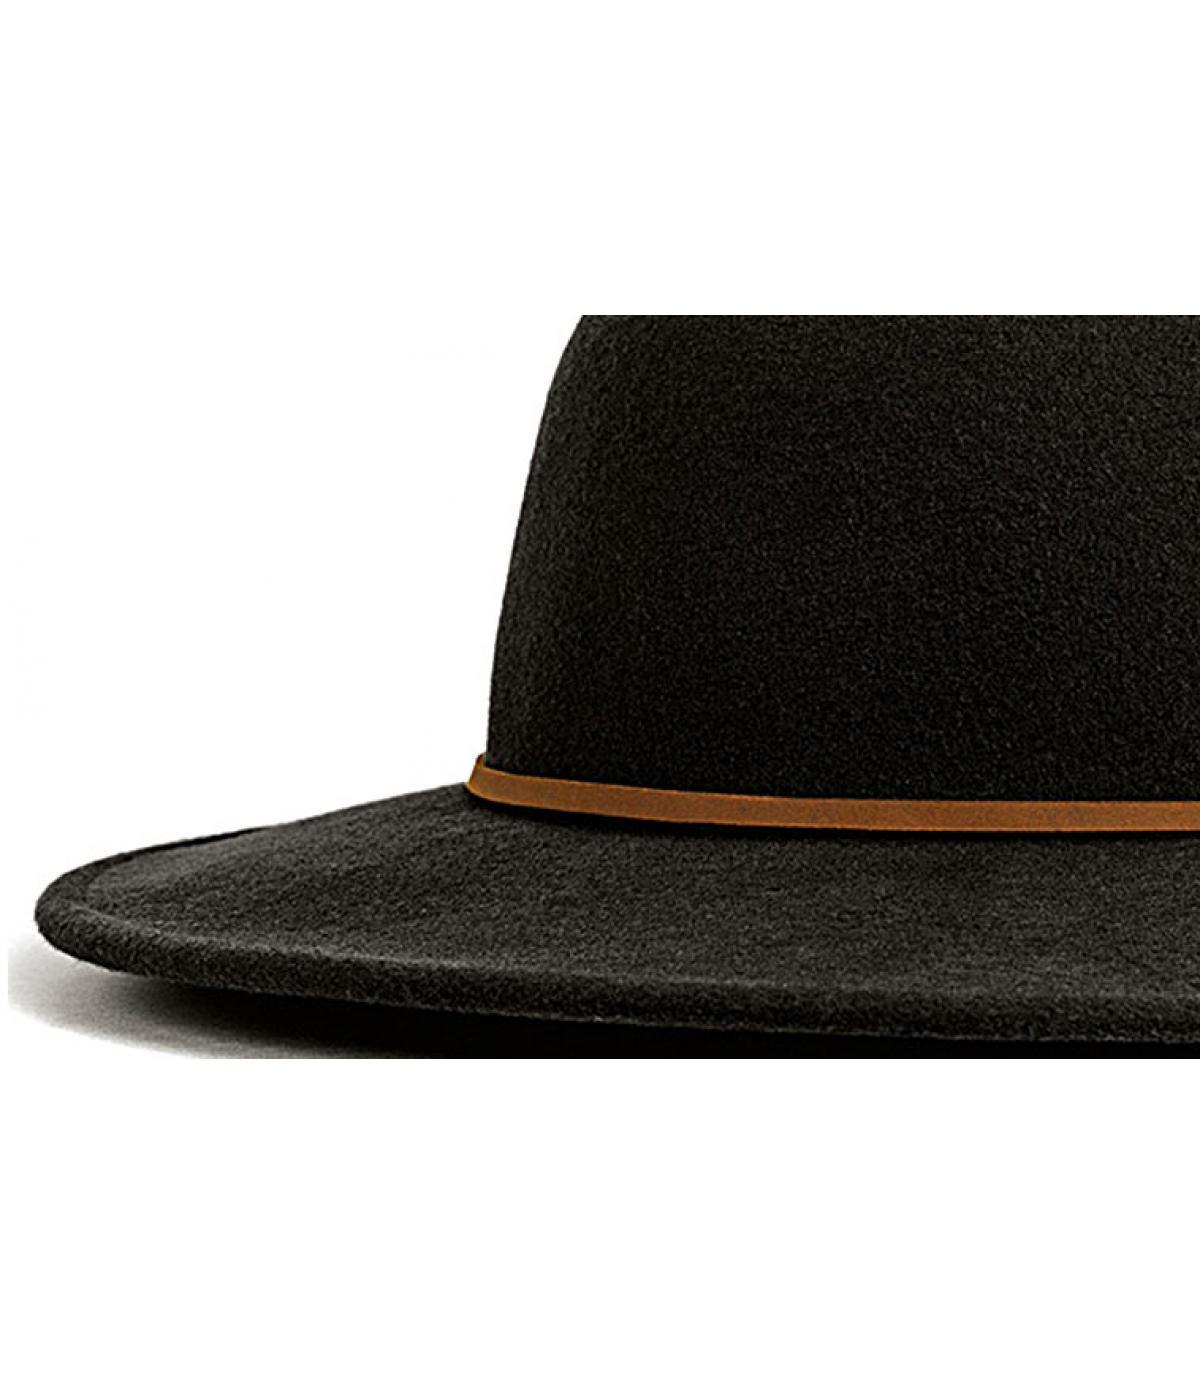 Sombrero hombre Brixton - Sombrero Tiller black de Brixton. Headict 5355d8fba7c